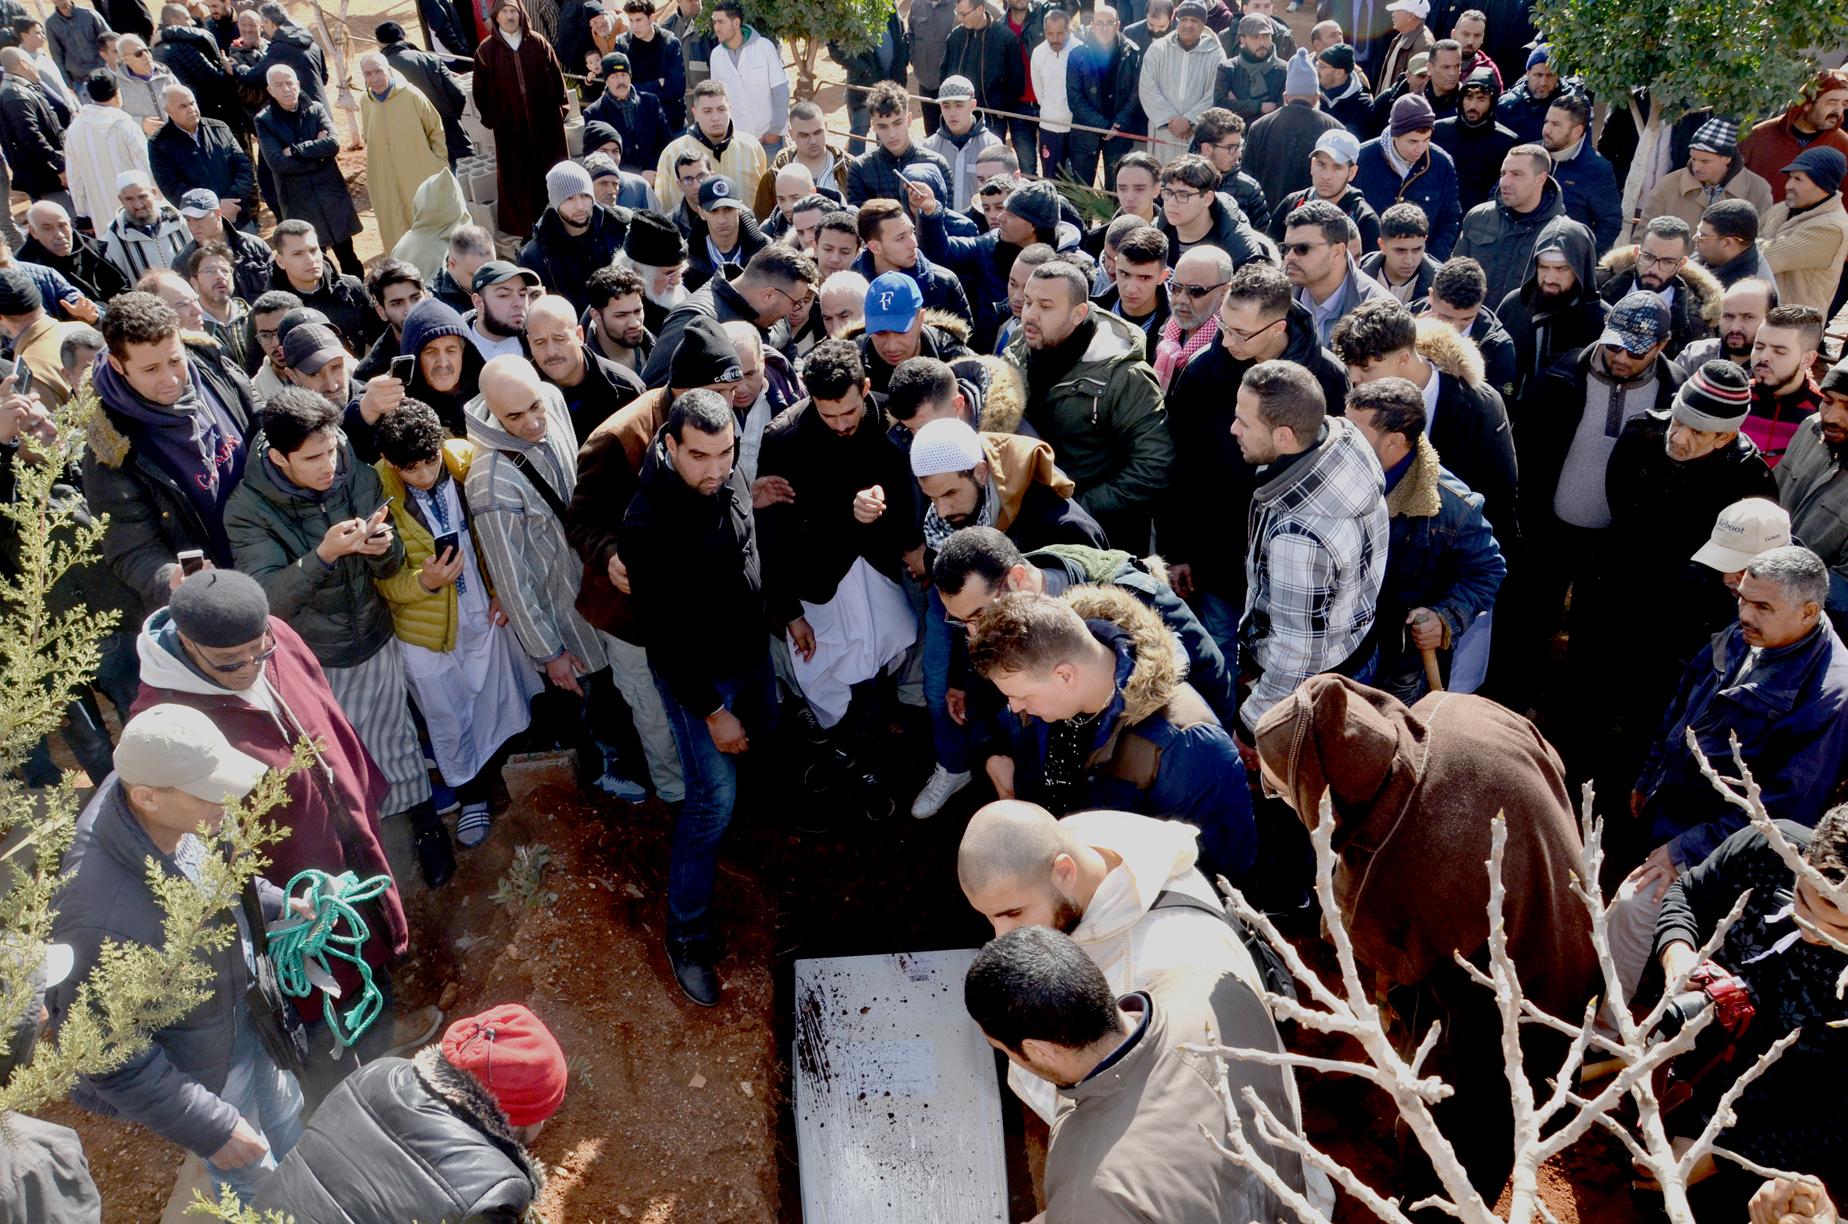 تشيع جثمان المرحوم محمد بوشيخي الذي أغتيل بأمستردام.